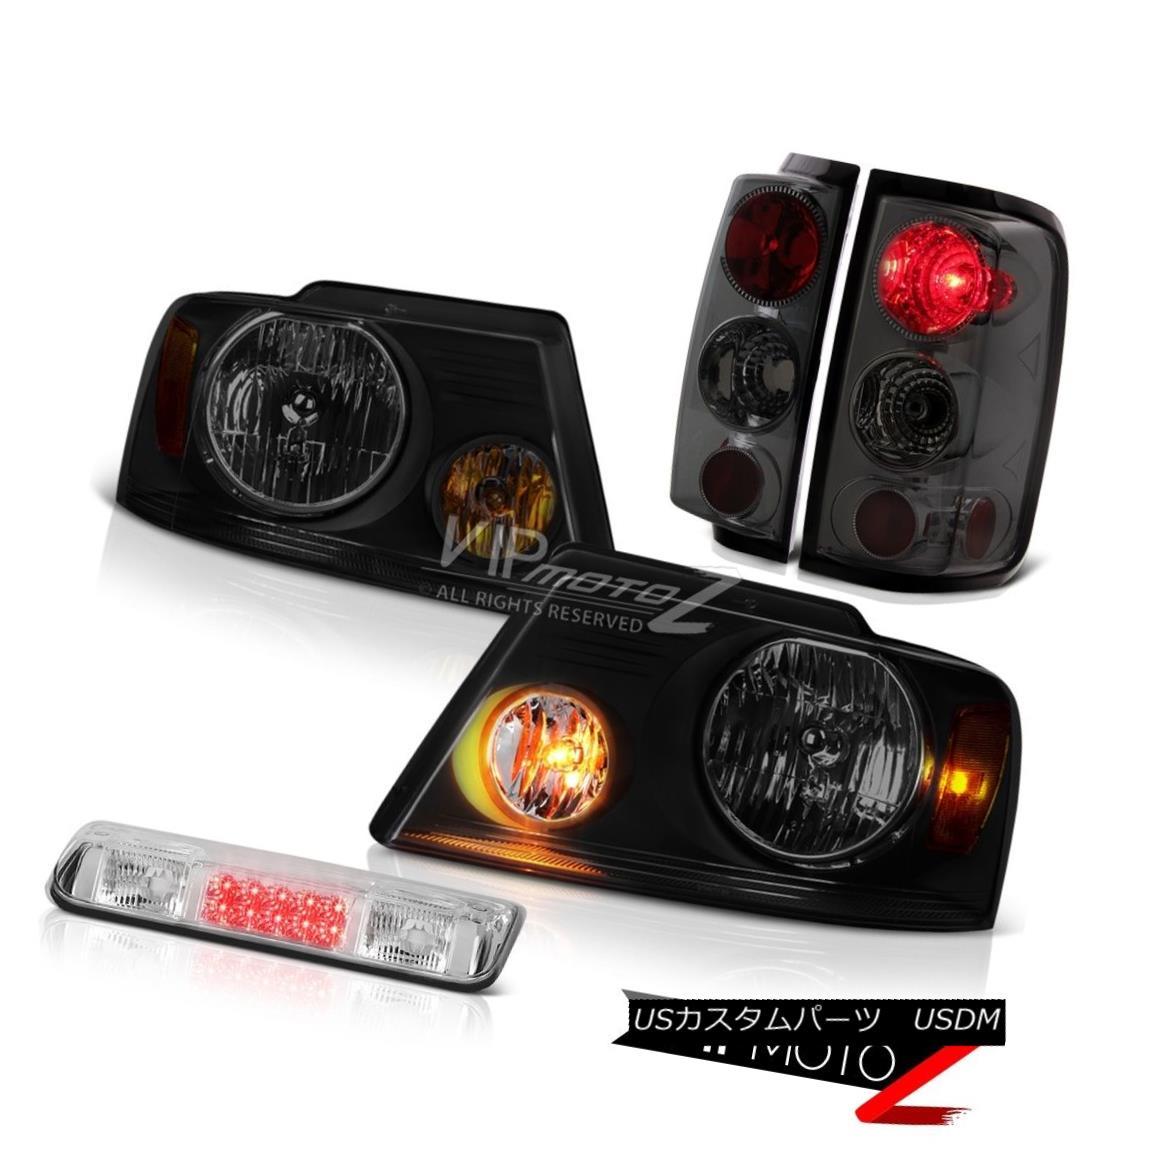 ヘッドライト 2004-2008 Ford F150 STX Roof Cargo Lamp Smoke Tinted Headlamps Tail Brake Lights 2004-2008フォードF150 STX屋根貨物ランプ煙がかかったヘッドランプテールブレーキライト